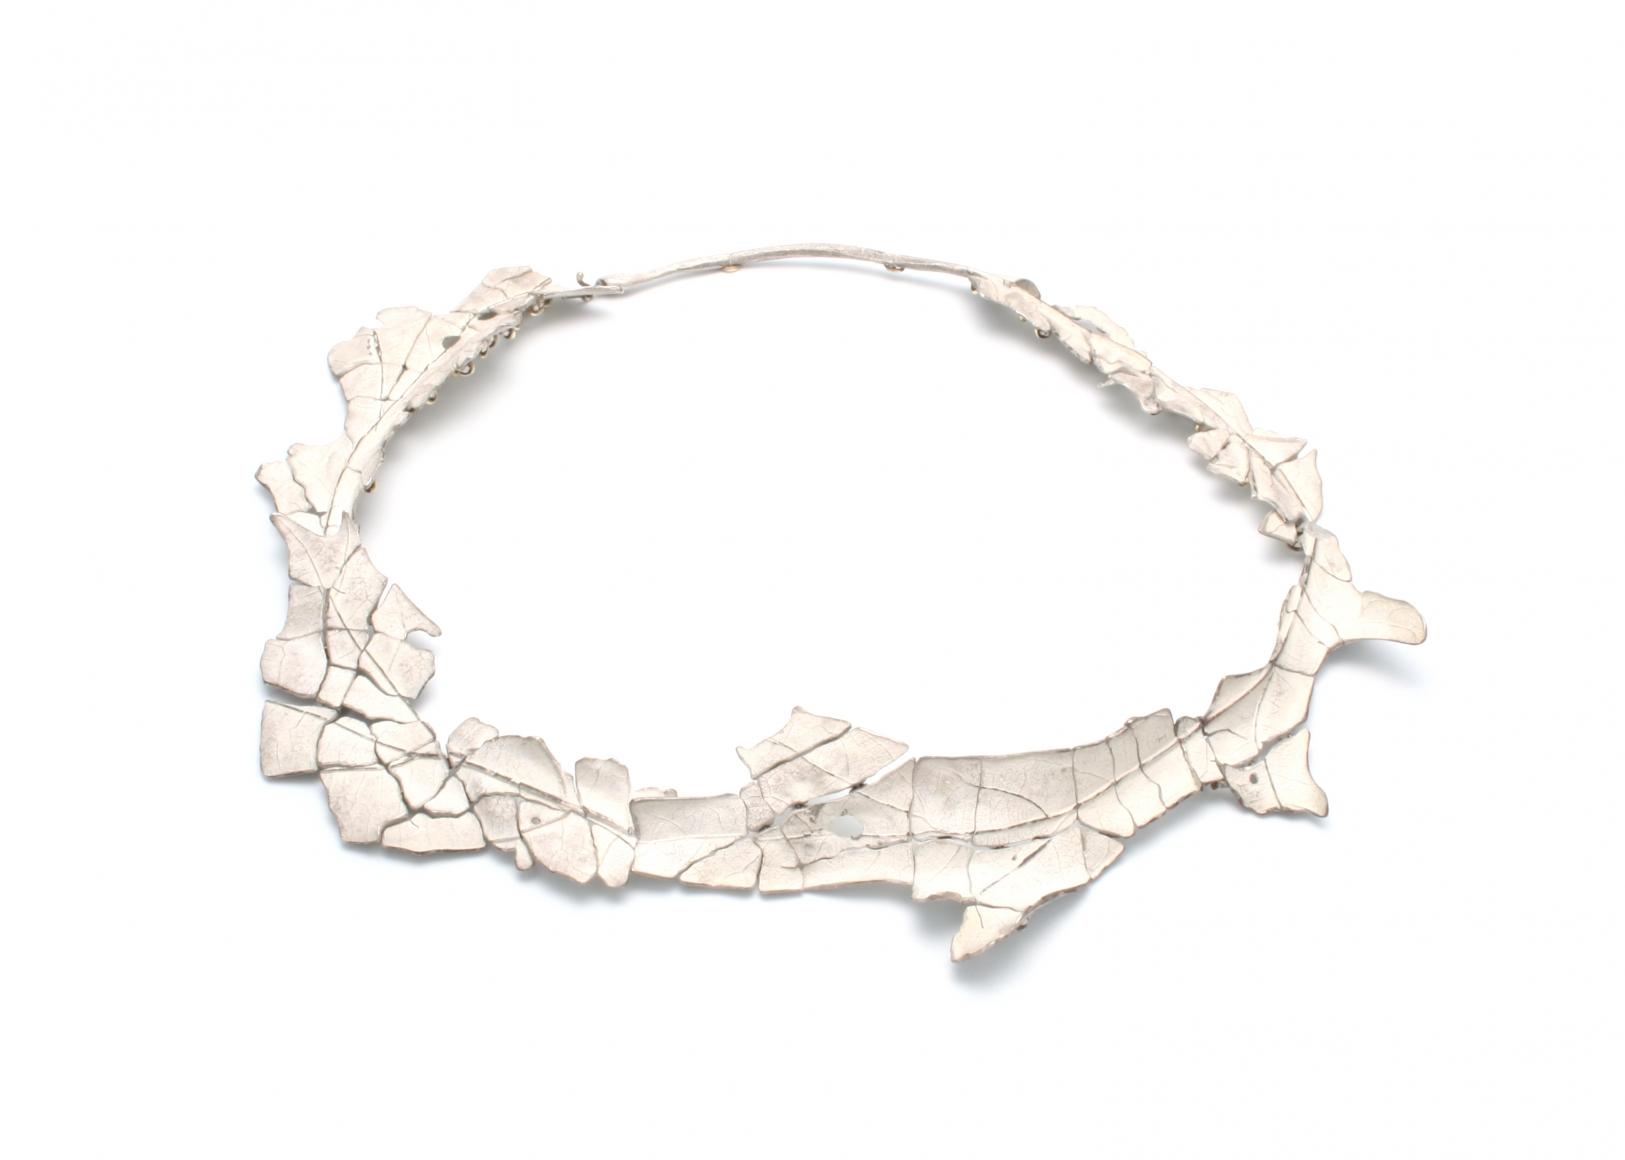 John Iversen, Crackle Leaf Necklace 3, halssieraad, 2015, zilver, goud